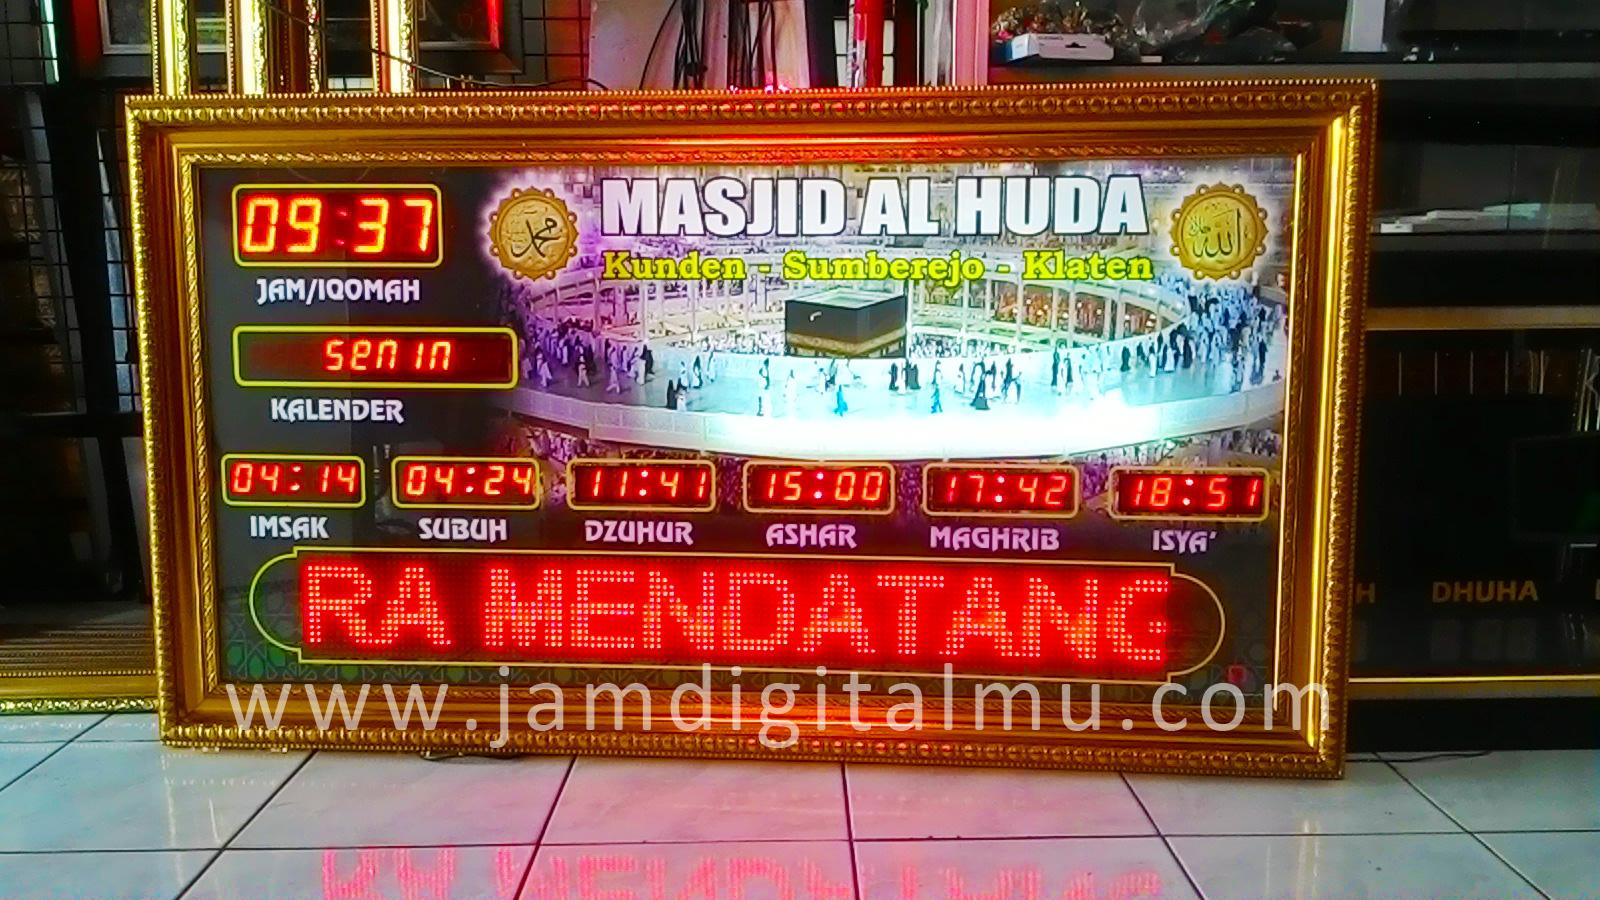 Jadwal Sholat Digital Termurah di Indonesia